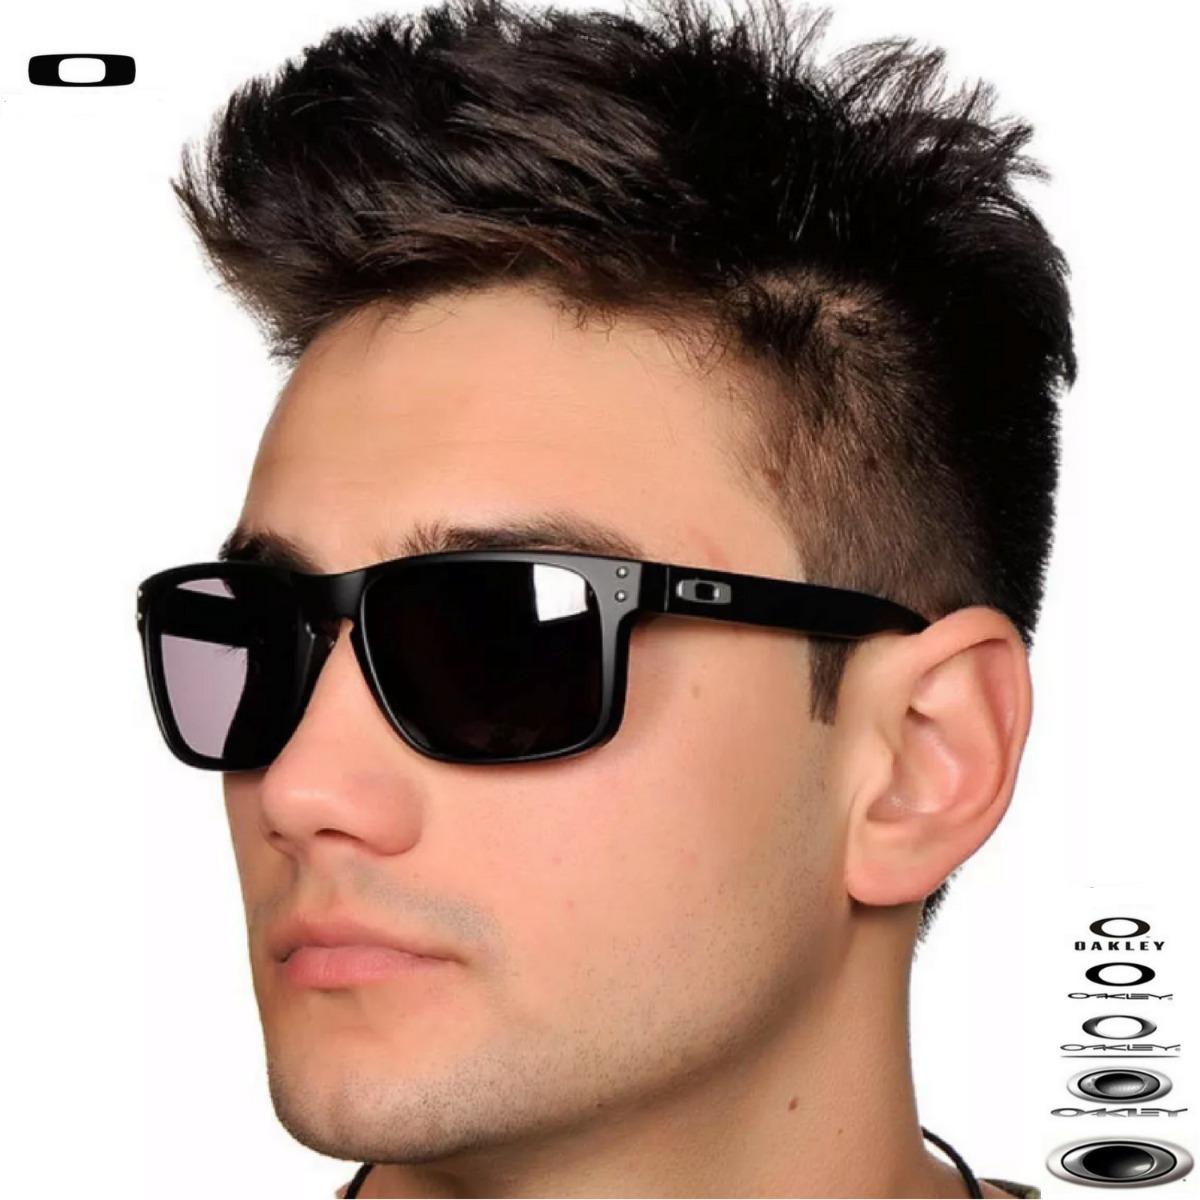 óculos oakley holbrook polarizado unissex varias cor barato. Carregando  zoom. b55ad4acf5